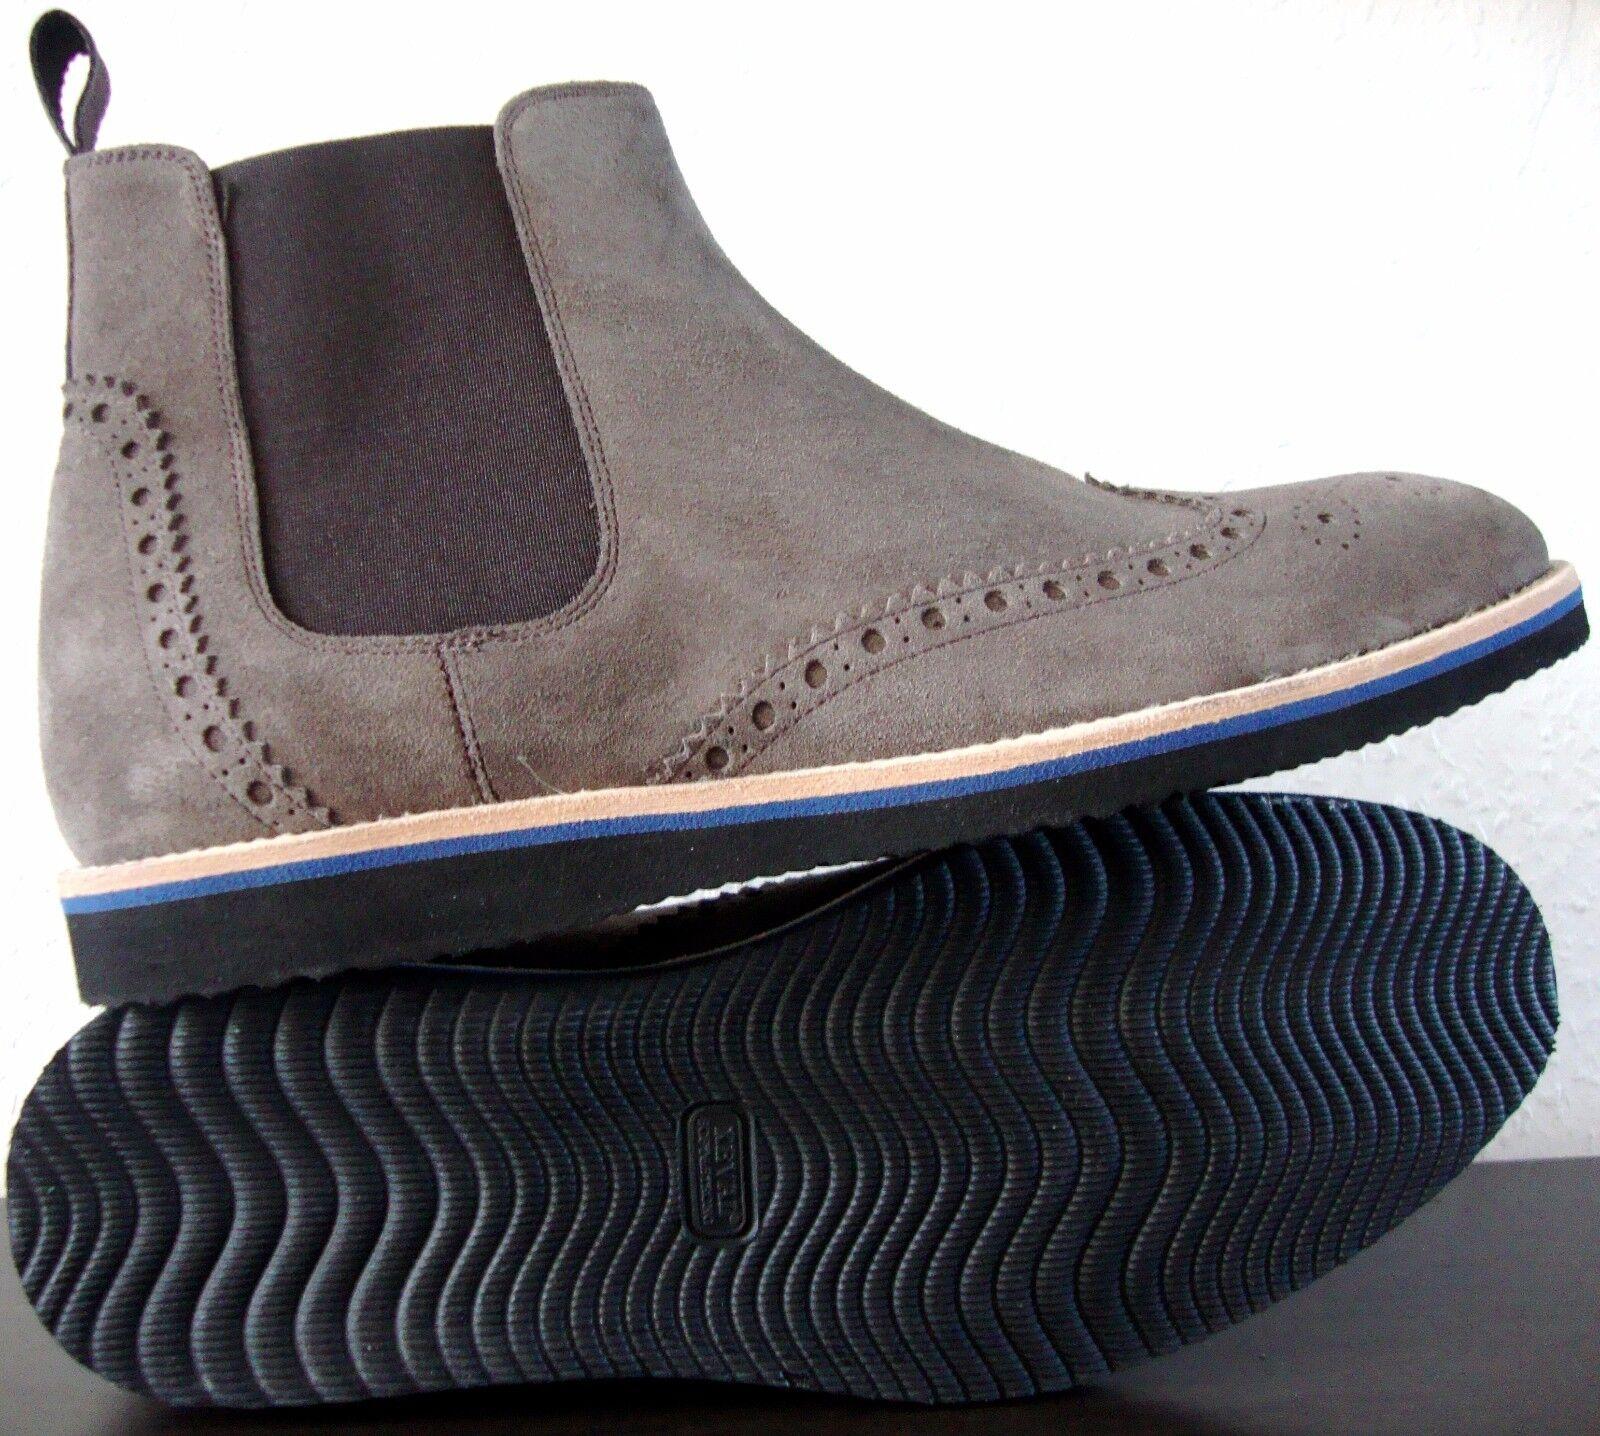 JOOP Bootie  Herren Boots Stiefelette Bootie JOOP Chukka Schuhe Wildleder Grau Gr.40 NEU f53b76